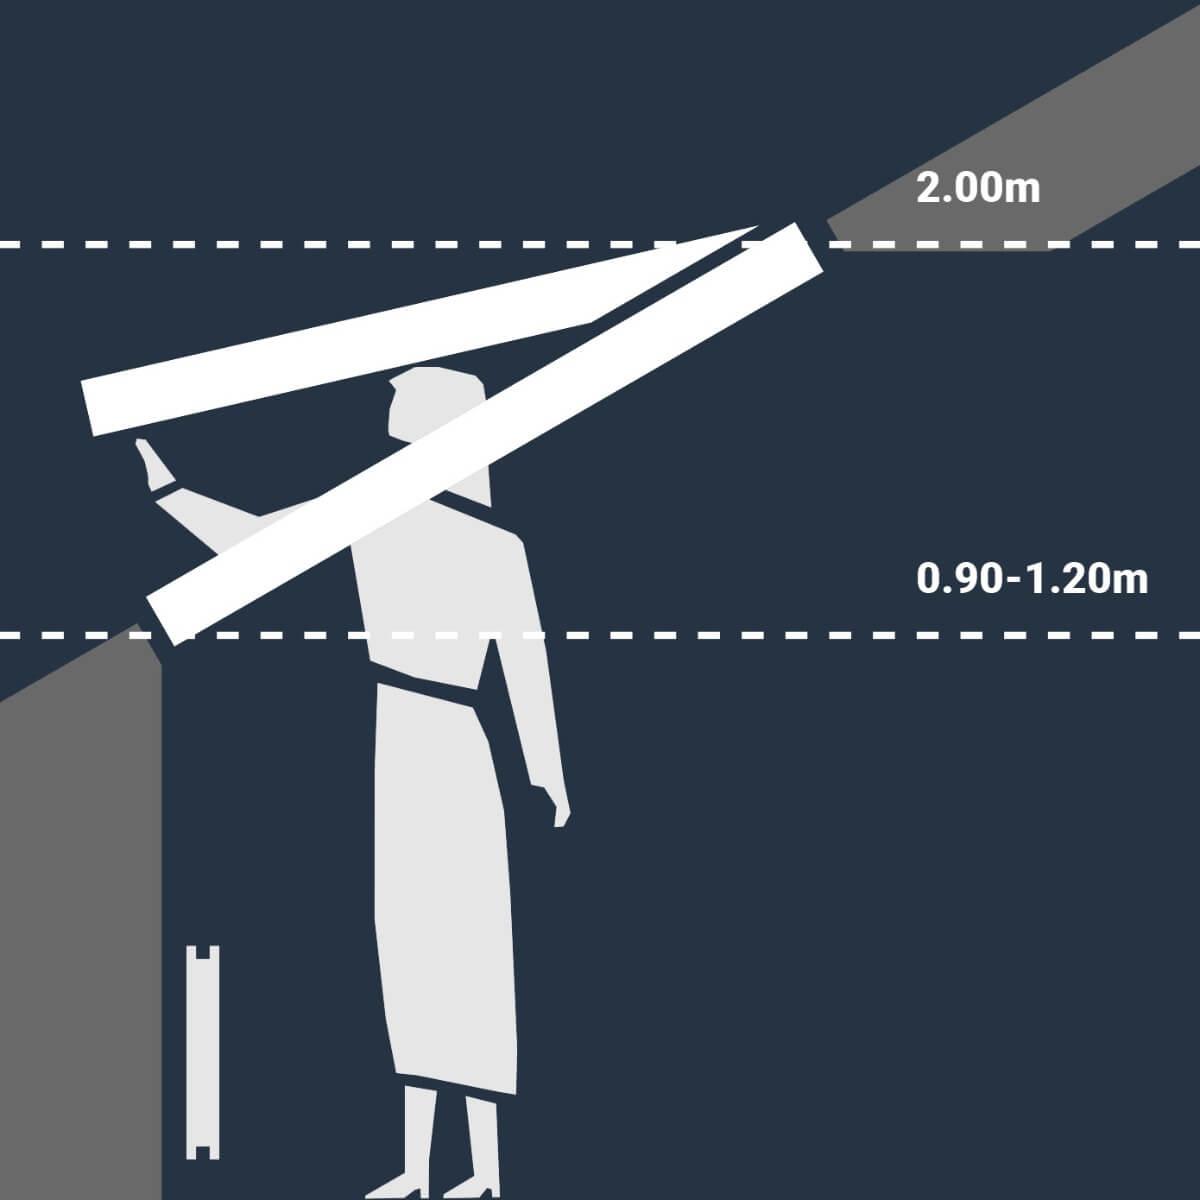 Παράθυρα Στέγης Άνω Άξονα Περιστροφής- Διάγραμμα